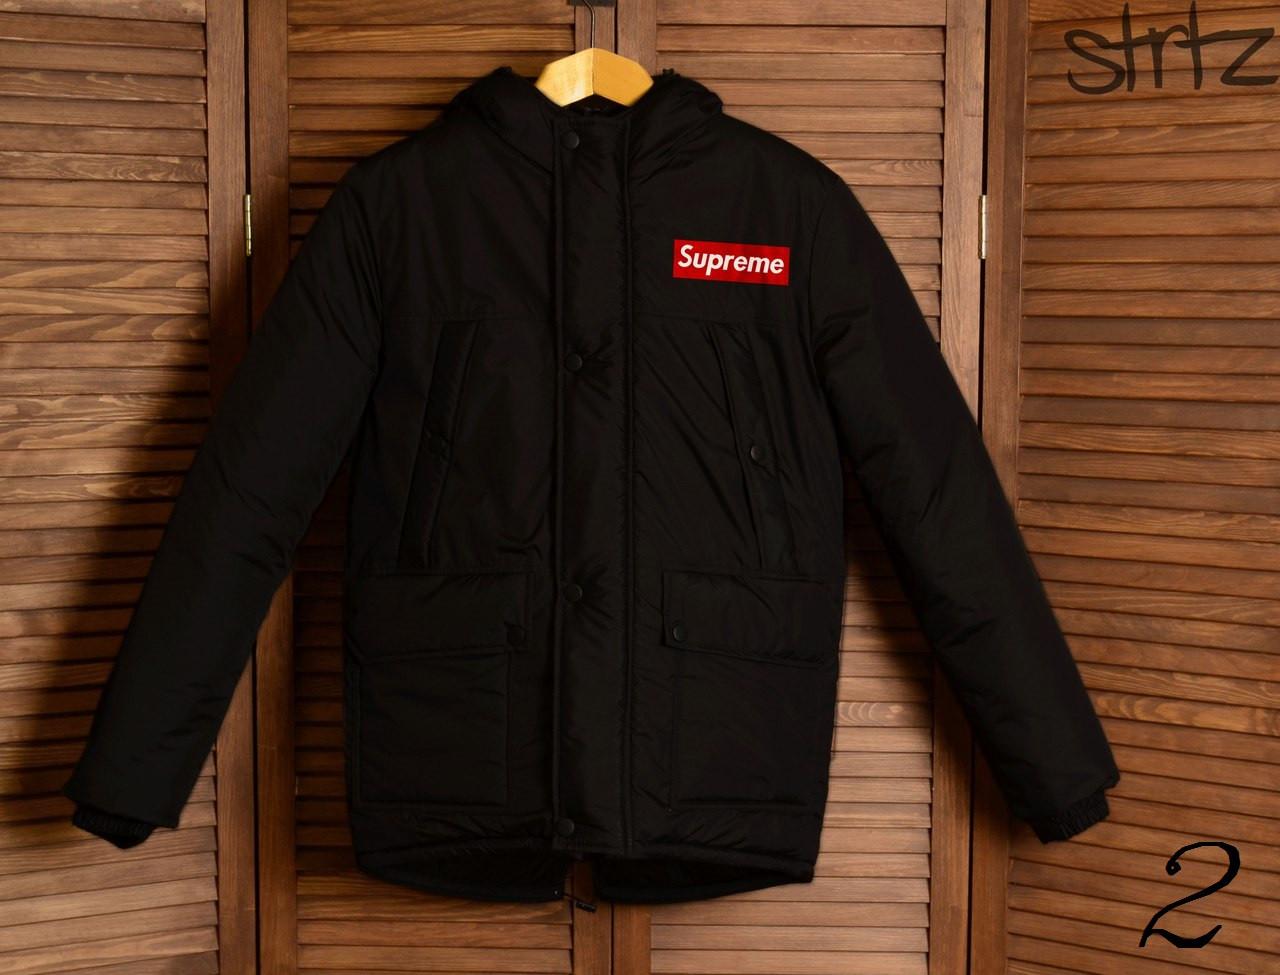 07c2b25e4a0 Зимняя Мужская Теплая Куртка-Парка Supreme Мужские Черные Куртки Зимние  Суприм